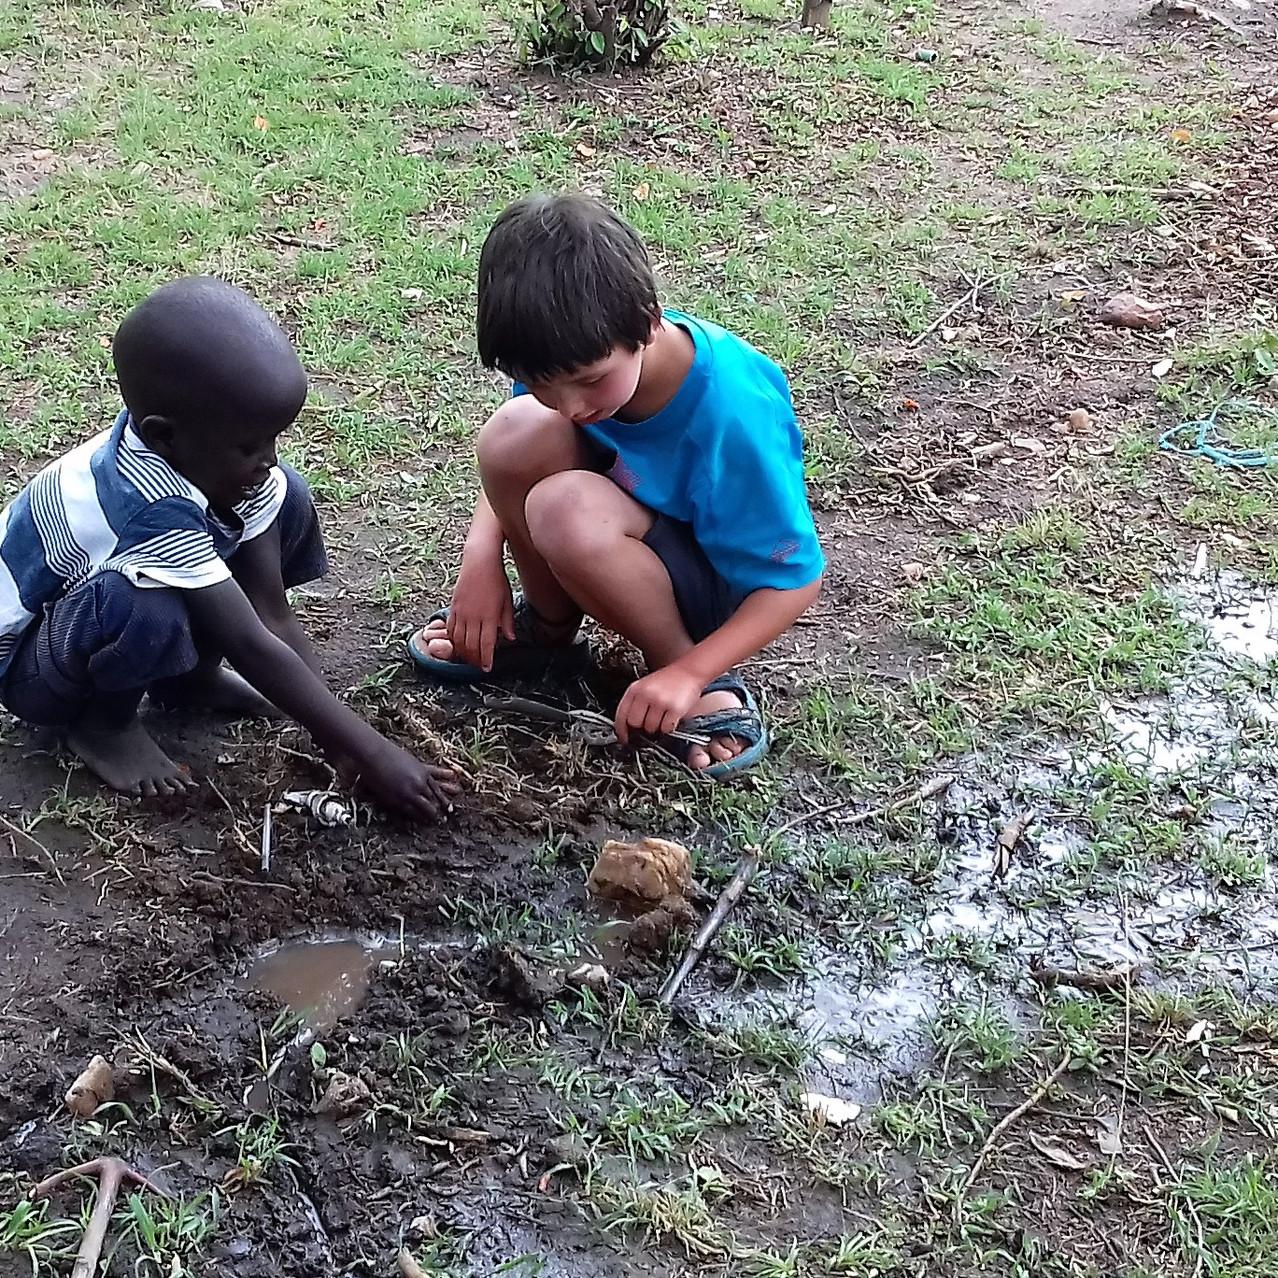 Des heures de patouille dans la boue